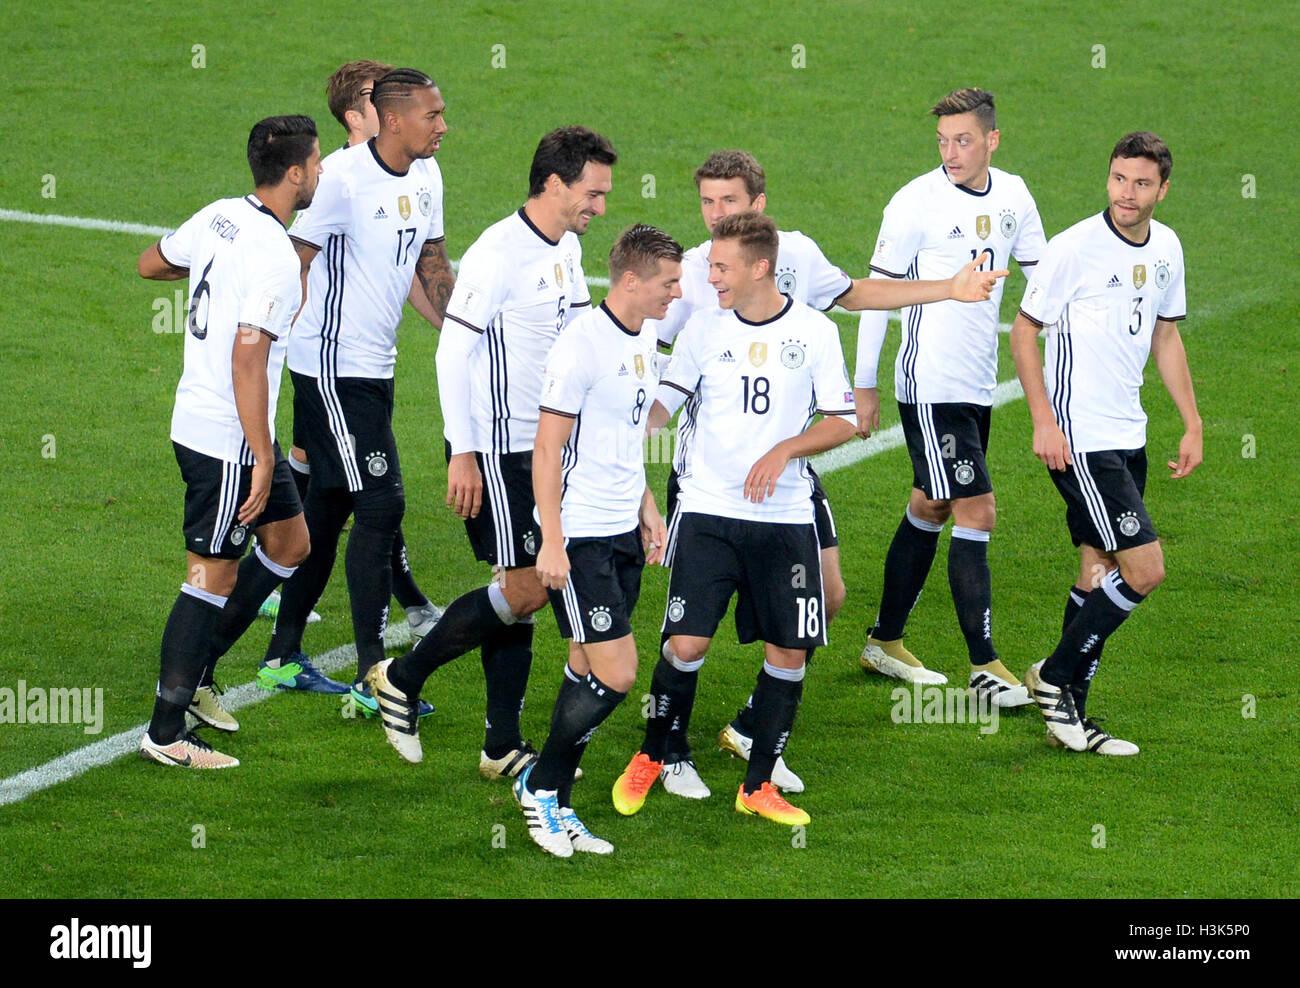 Hamburgo, Alemania. 08 Oct, 2016. El equipo nacional de fútbol alemán deja el campo tras su resonante Imagen De Stock